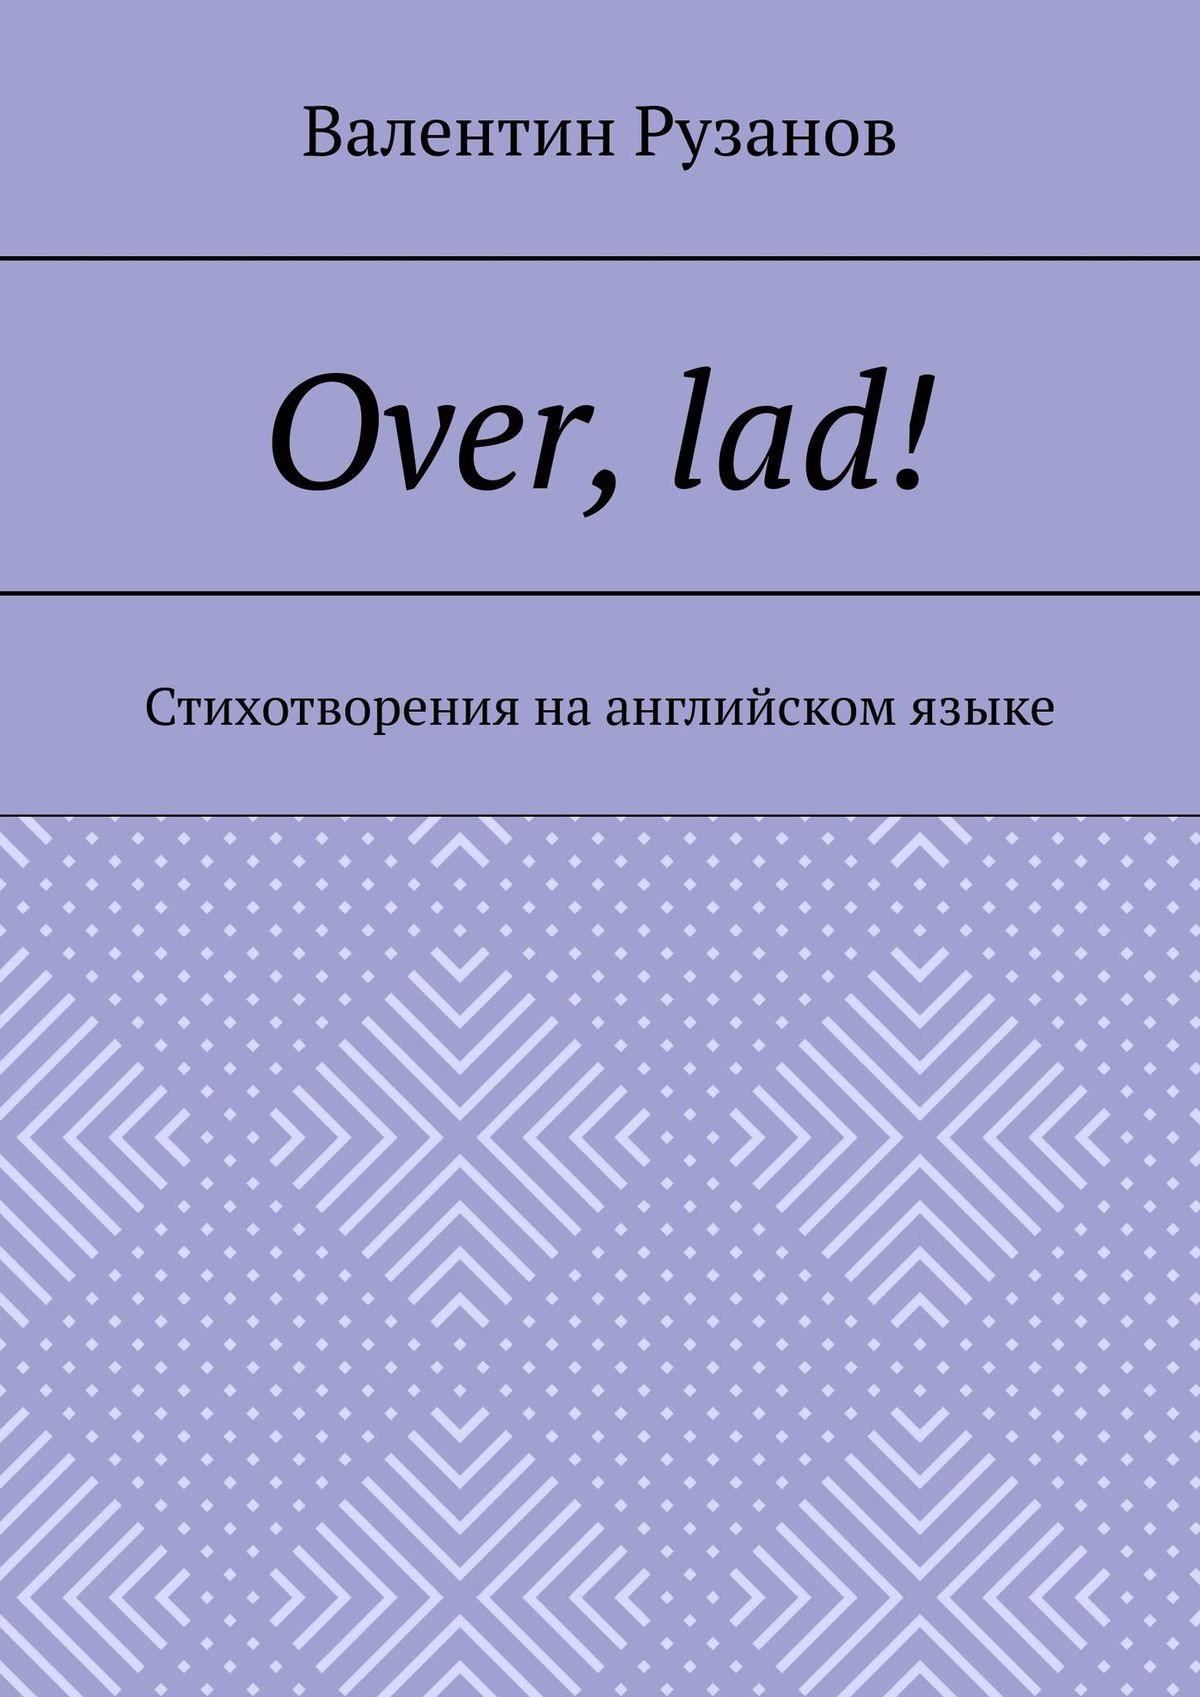 Валентин Рузанов Over, lad! Стихотворения наанглийском языке цены онлайн